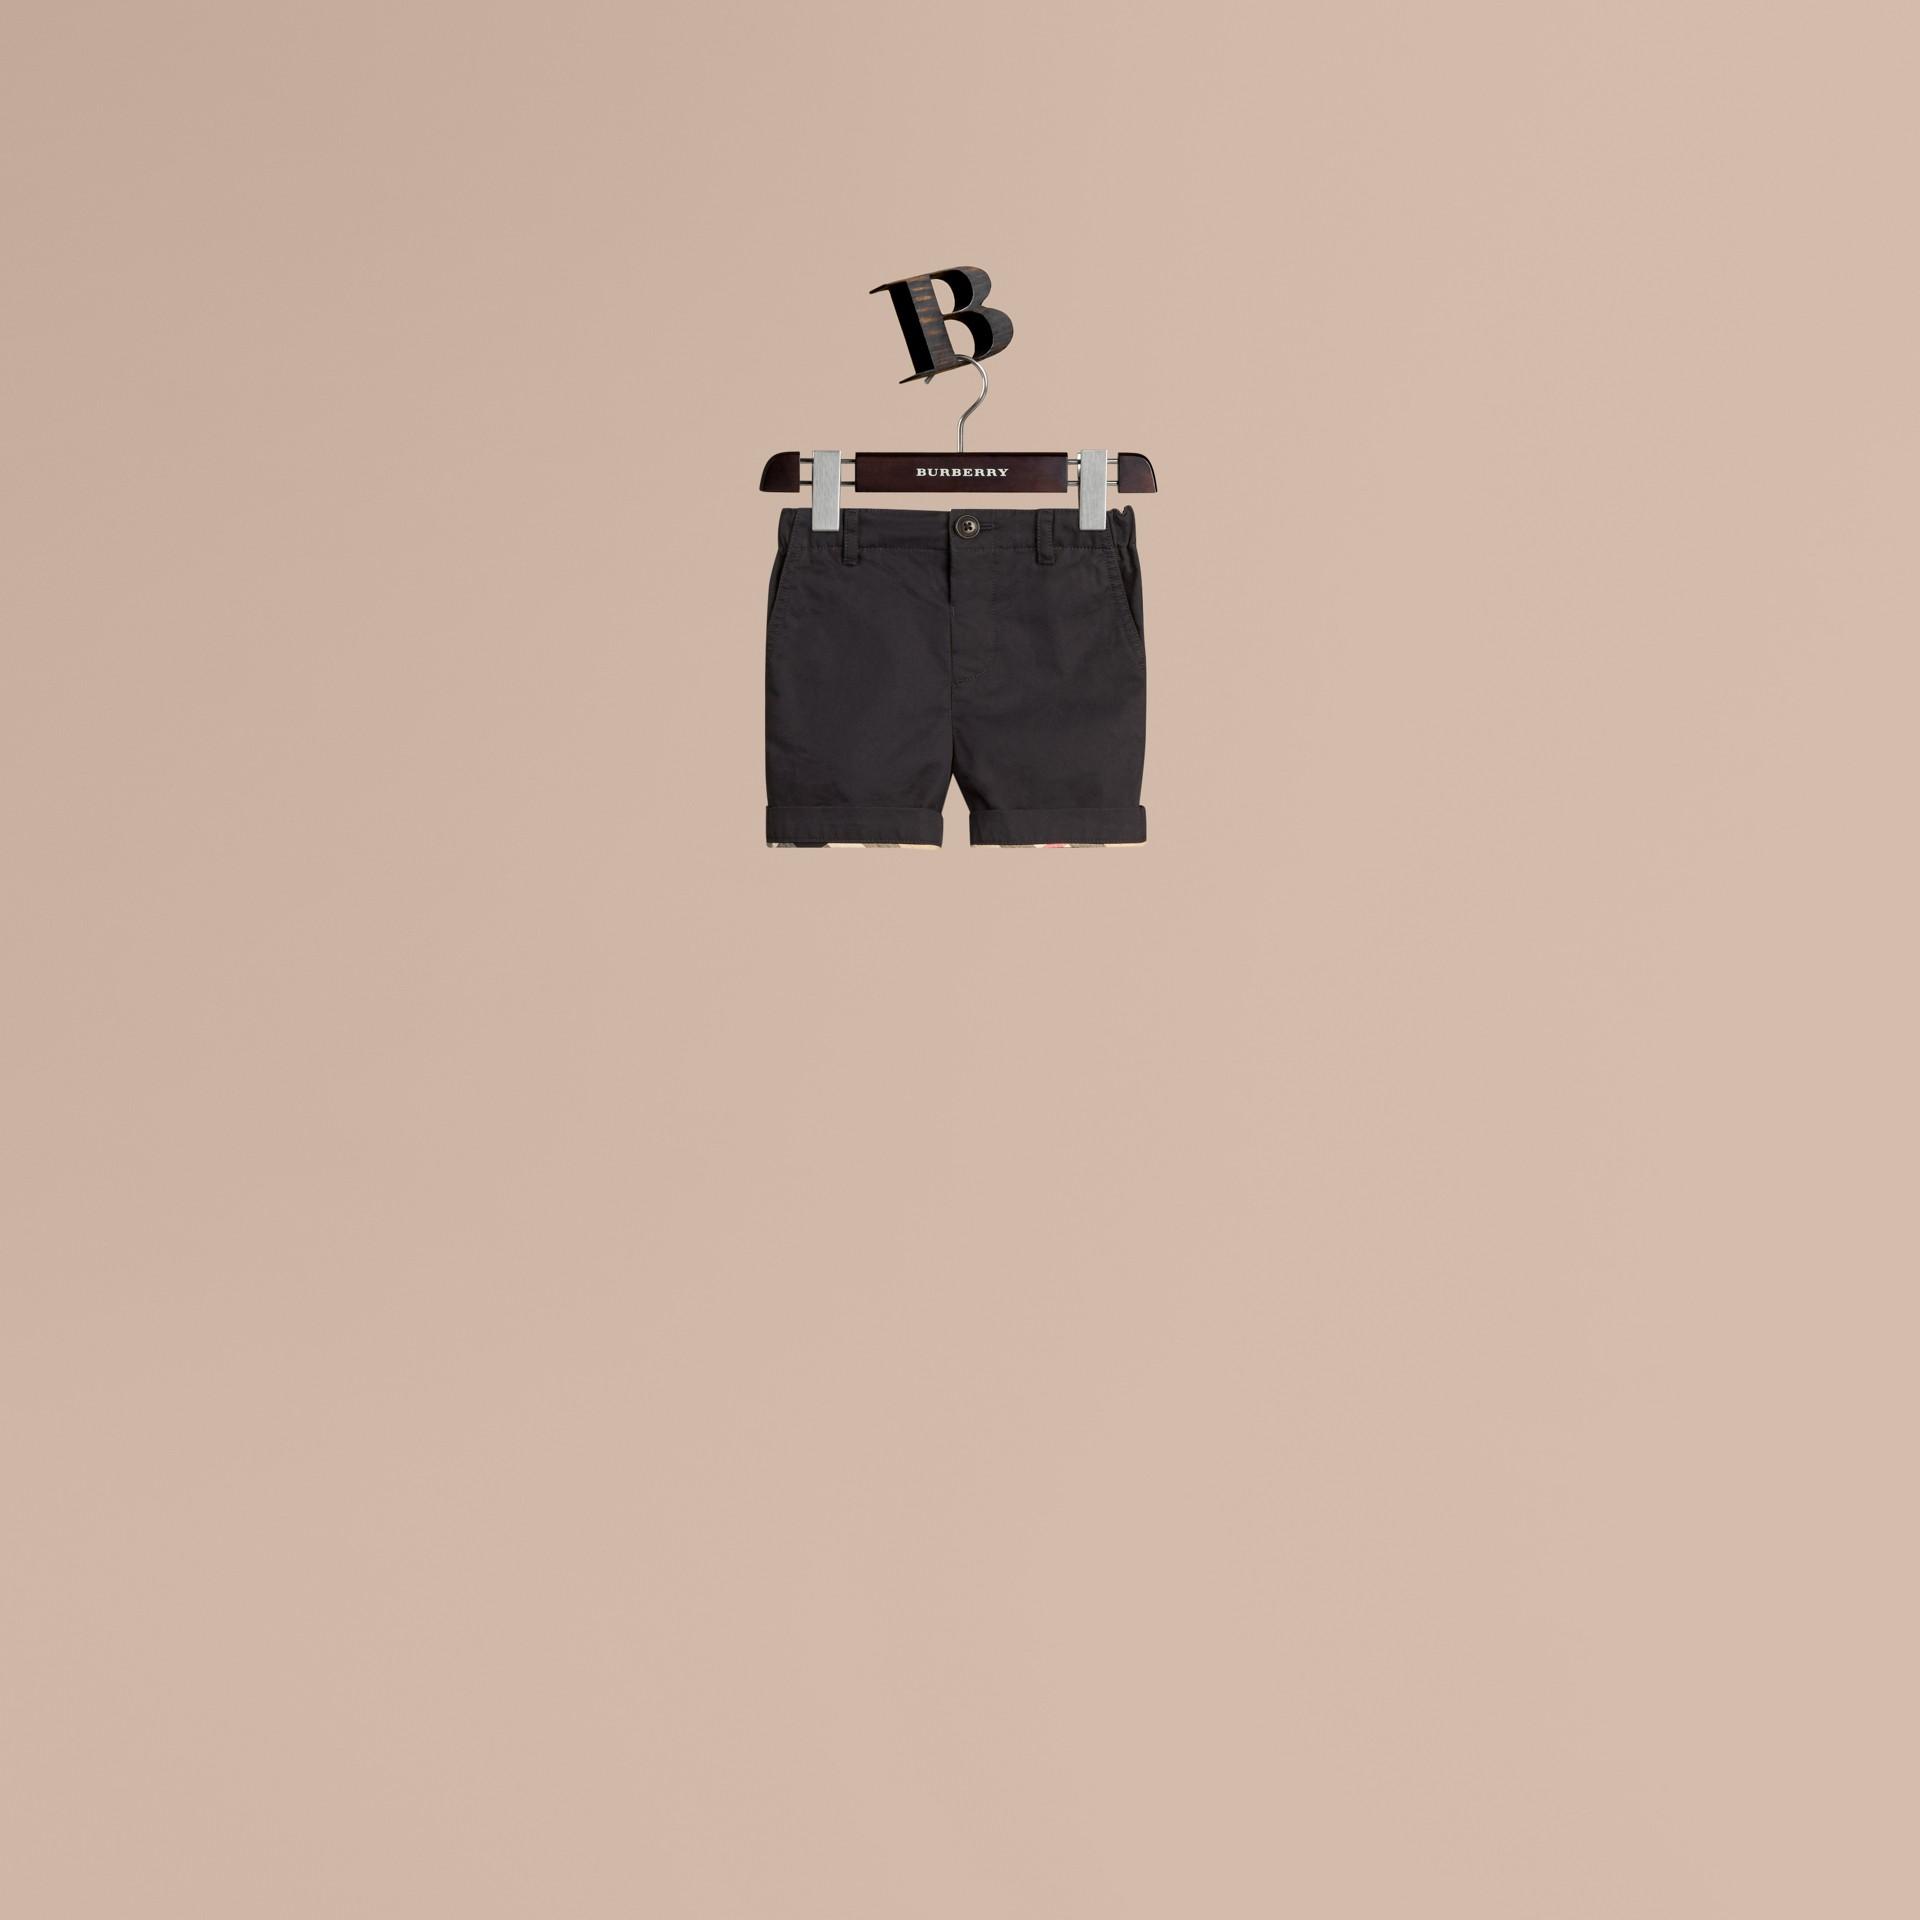 Inchiostro Pantaloncini chino in cotone con dettagli check Inchiostro - immagine della galleria 1